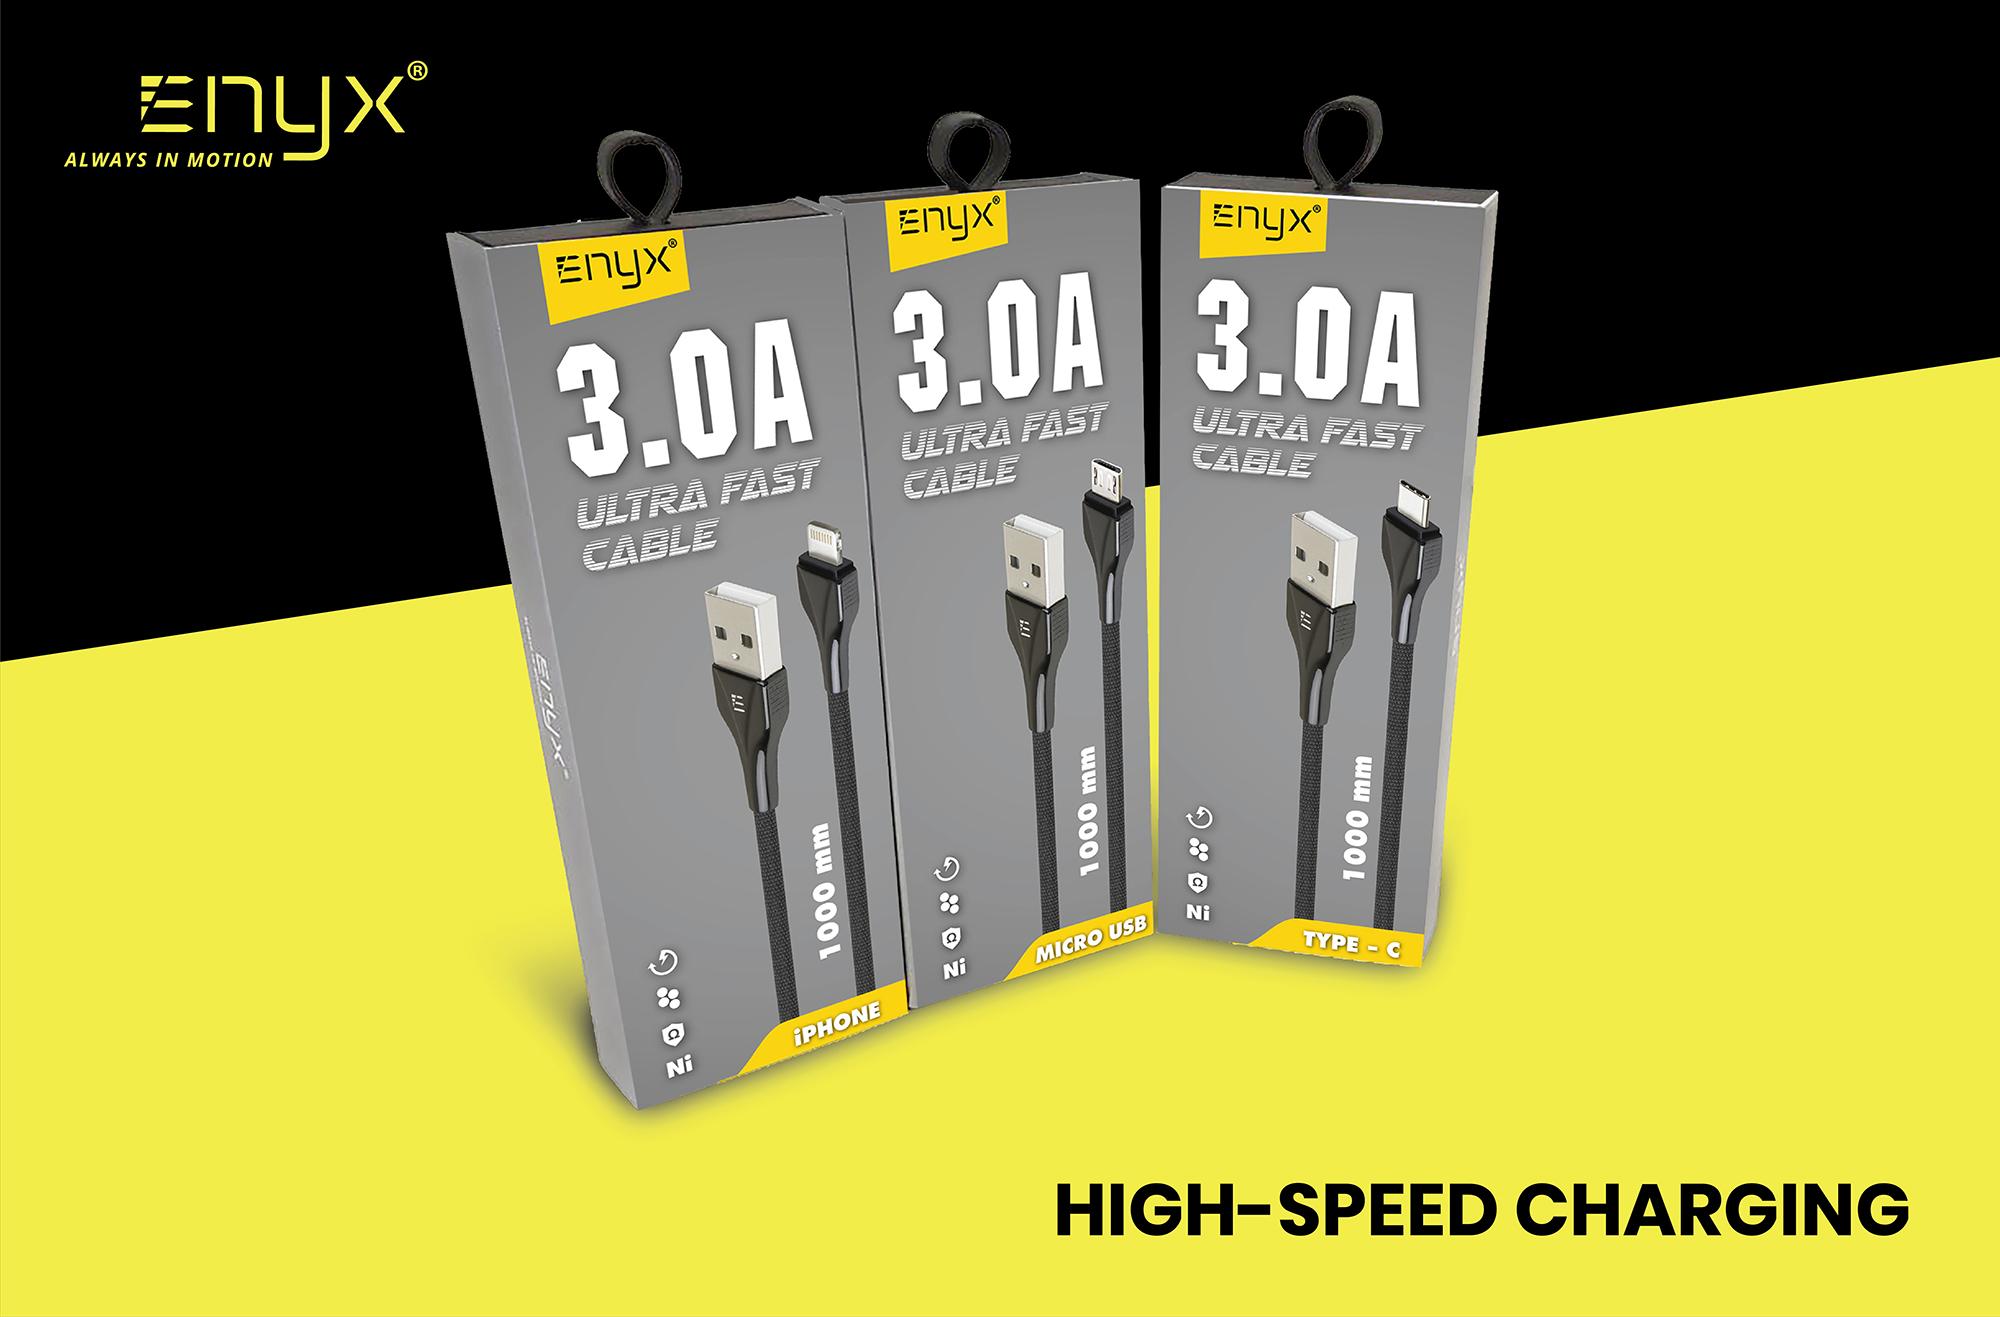 สายชาร์จ 3.0A ENYX 3.0A Usb Cable อีนิกซ์ fast charge